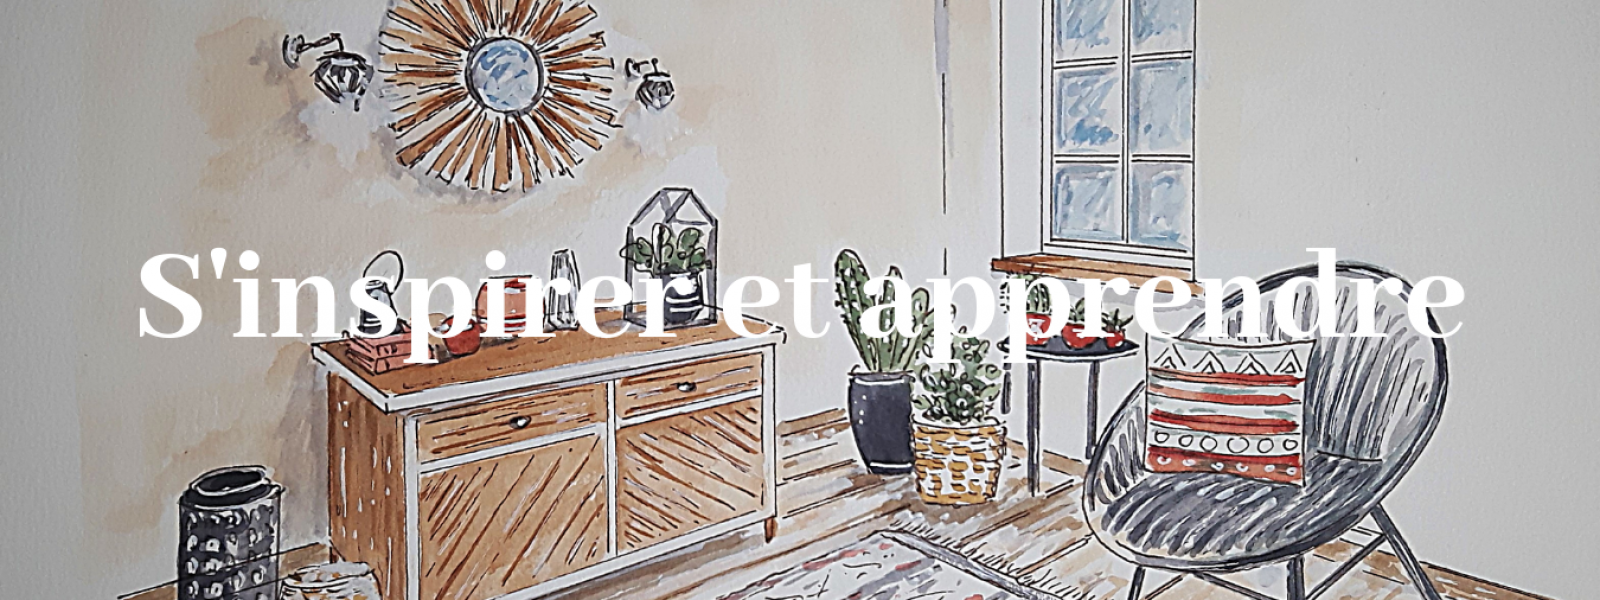 Bienvenue decoration cours de dessin et aquarelle soings en sologne loir et cher lydia martin 1